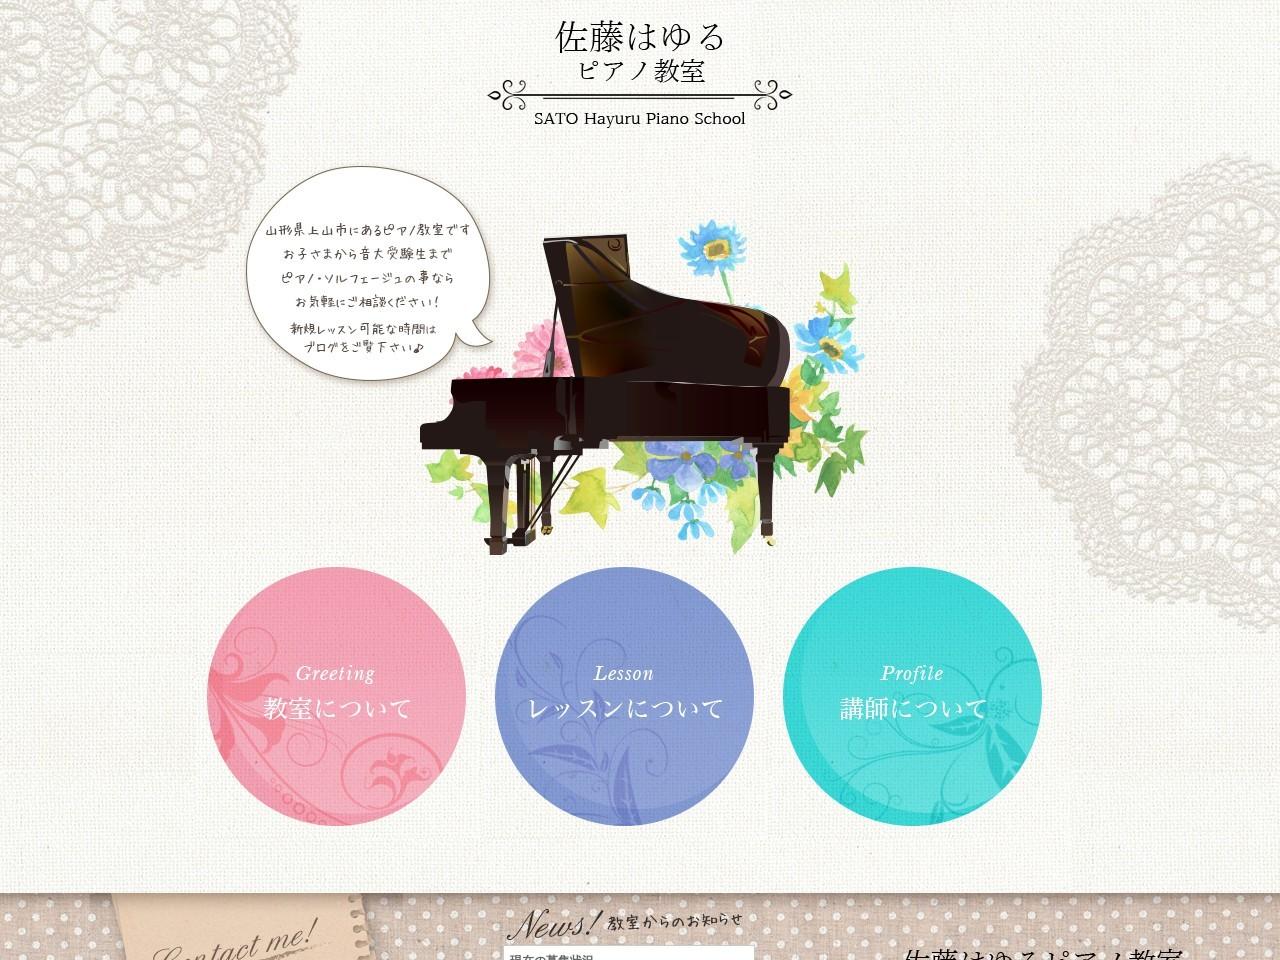 佐藤はゆるピアノ教室のサムネイル